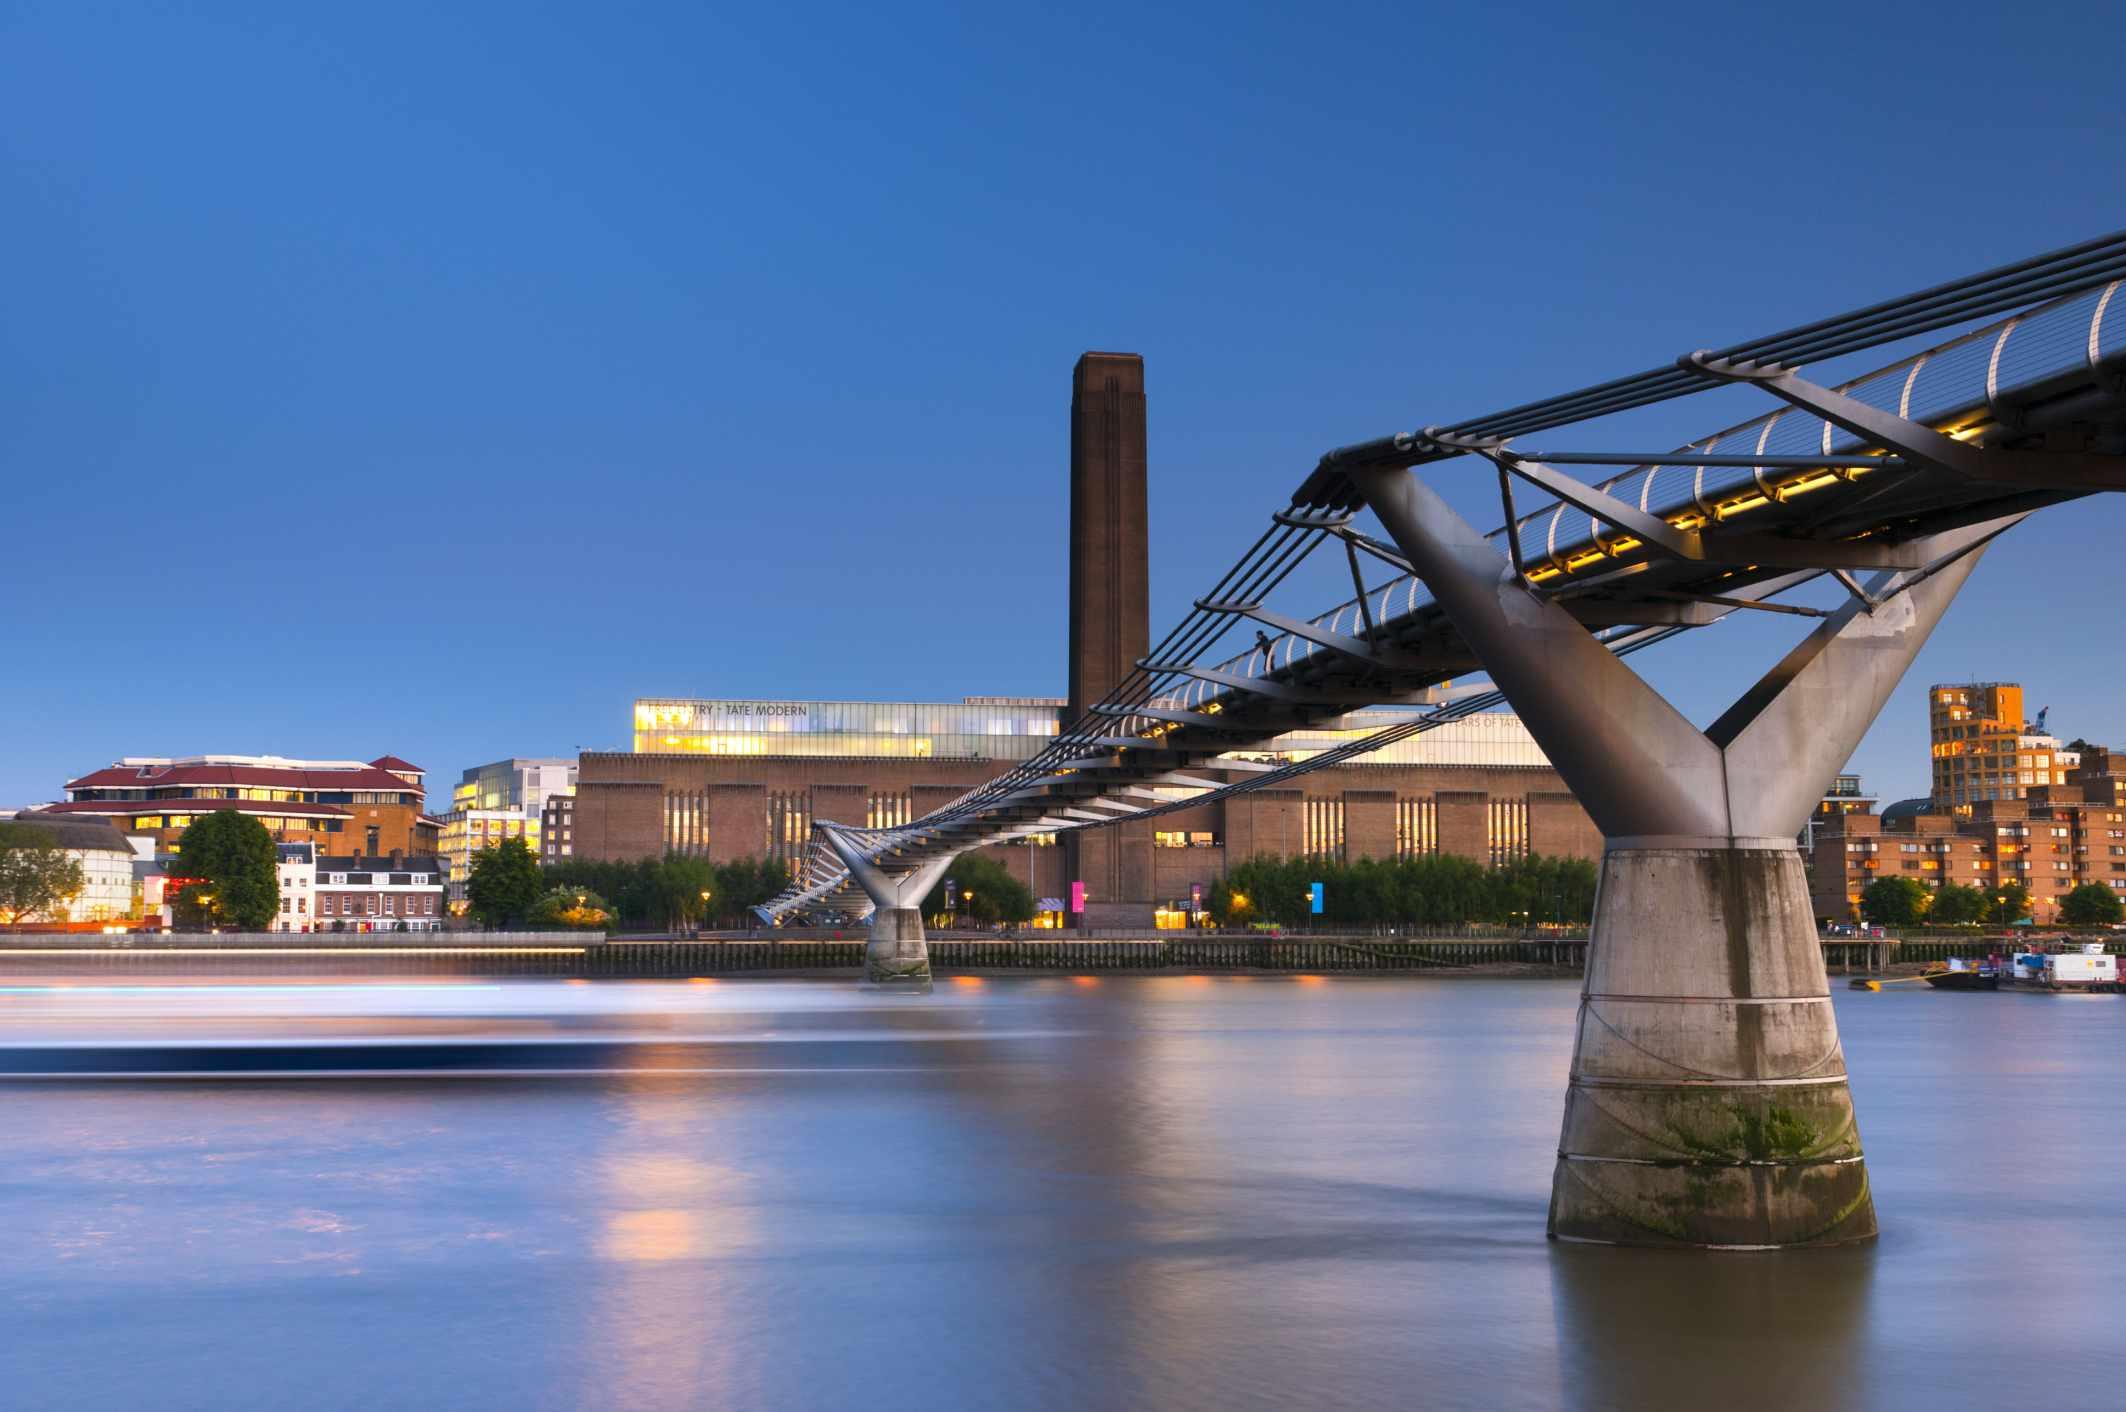 UK, London, Bankside, Tate Modern and Millennium Bridge over River Thames